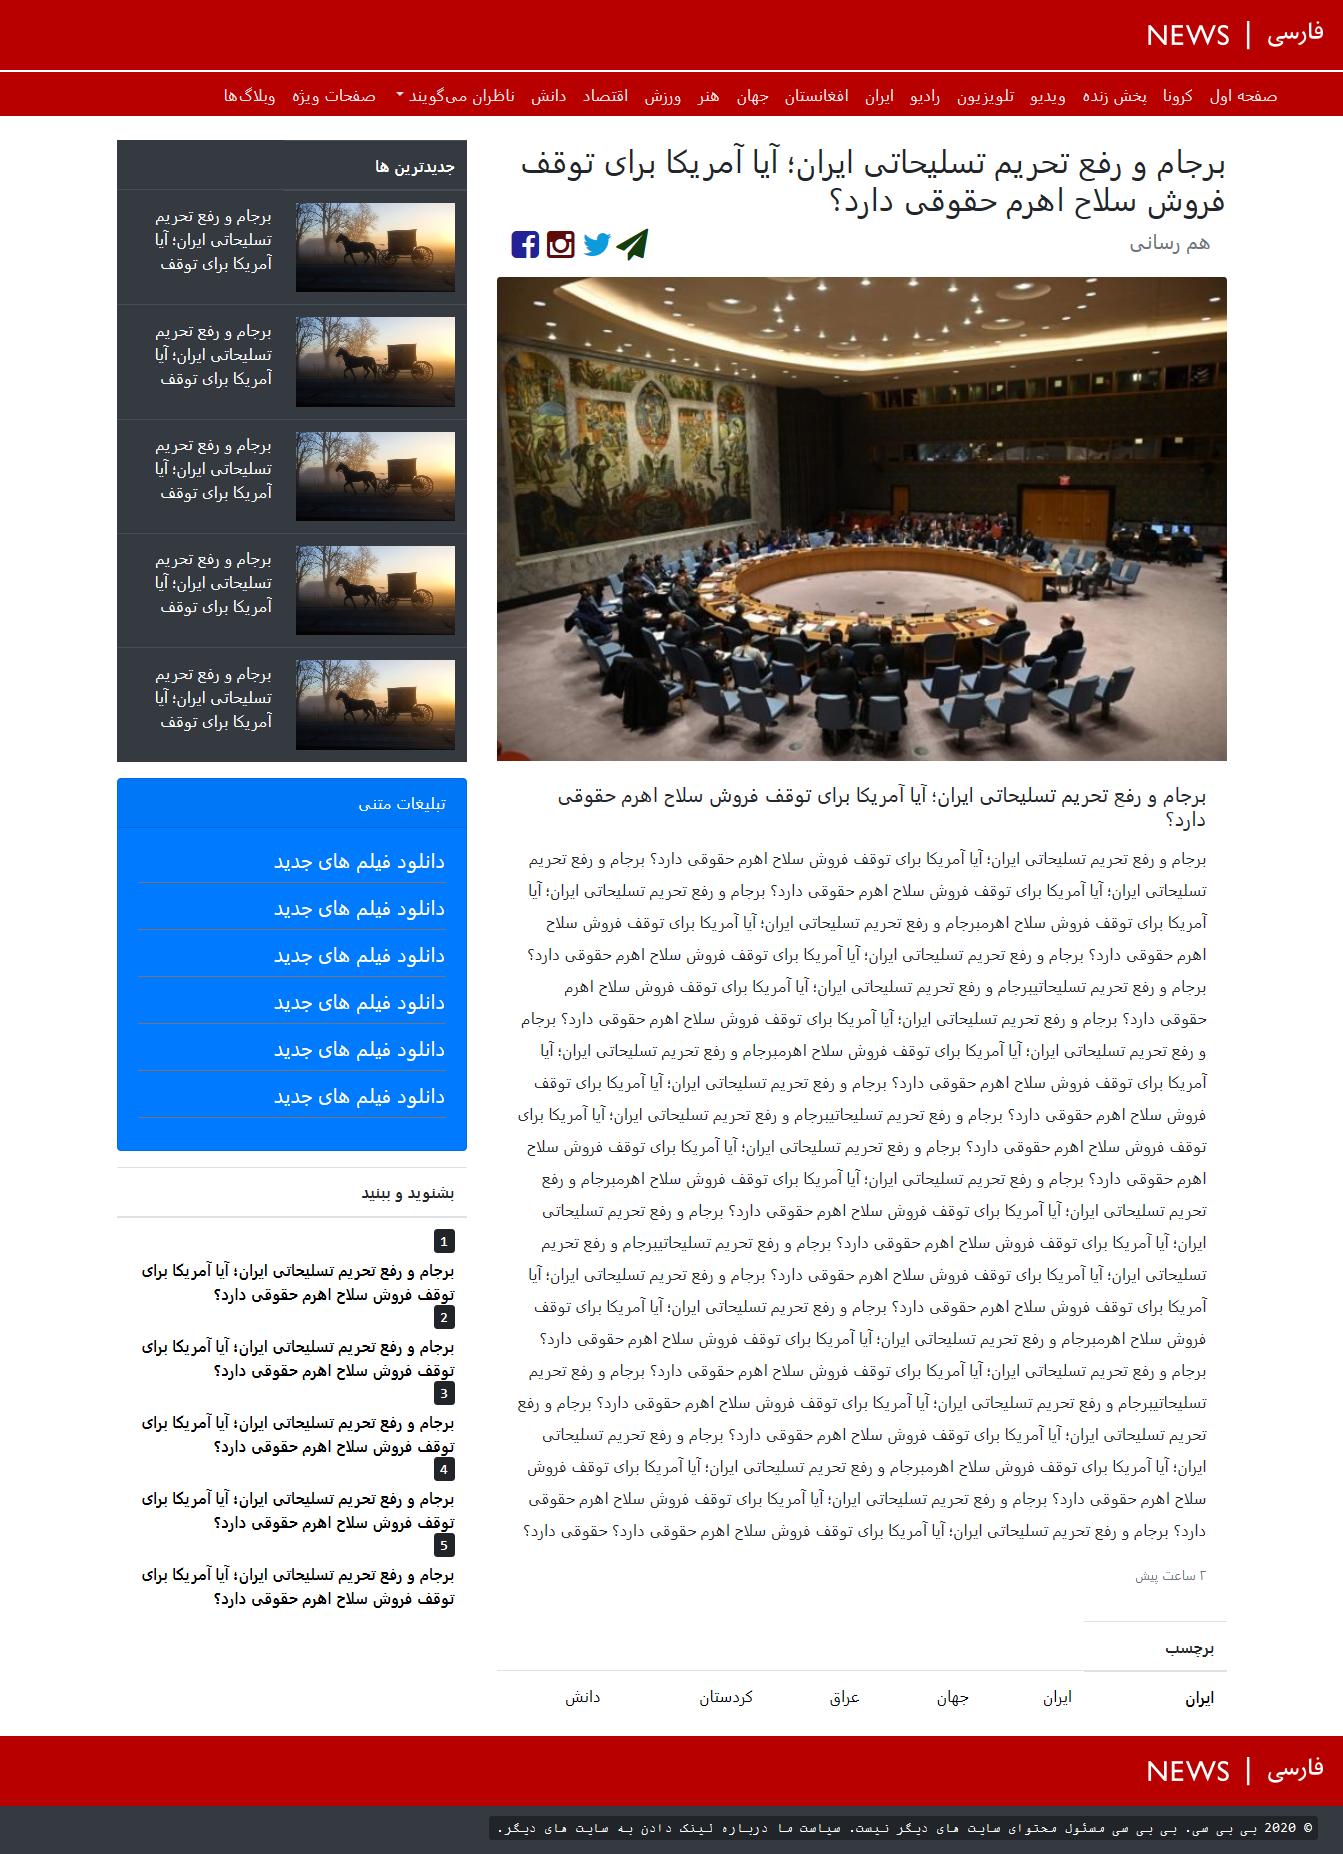 Screenshot_2020_05_02_BBC_Persian_1_.png